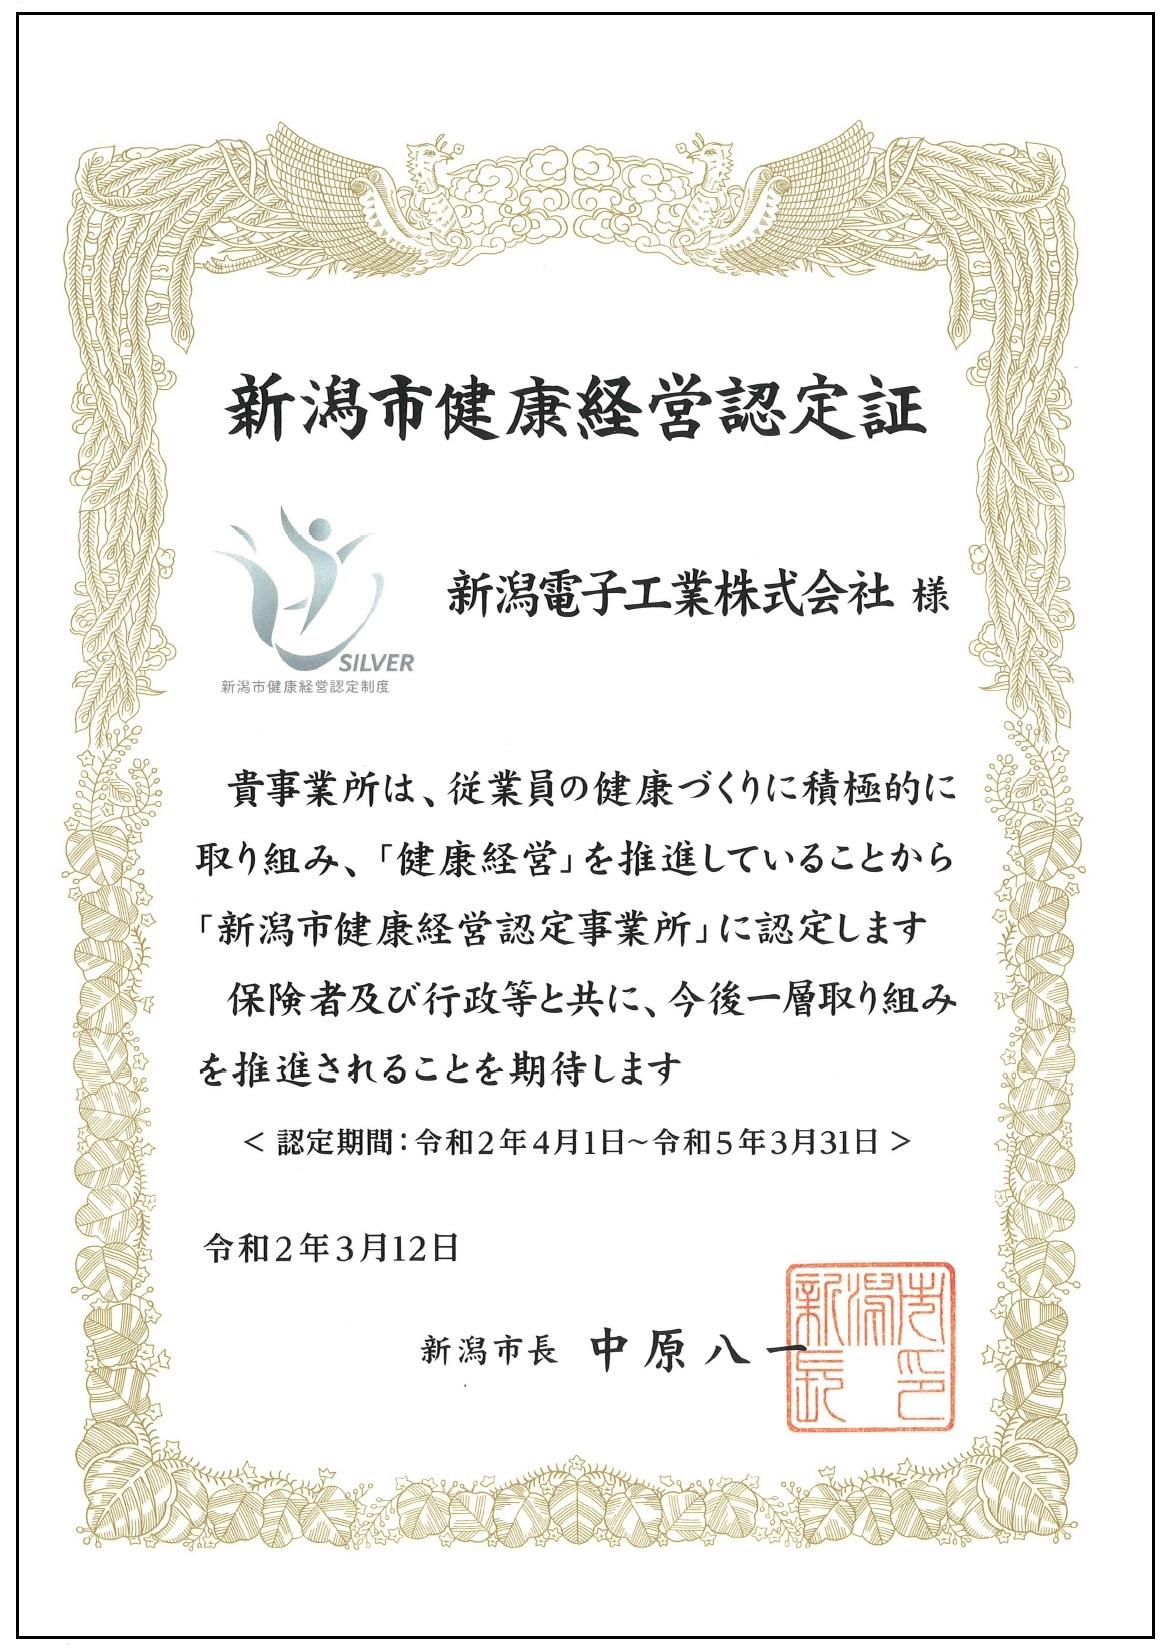 新潟市健康経営認定制度シルバークラス認定証 | 新潟電子工業株式会社